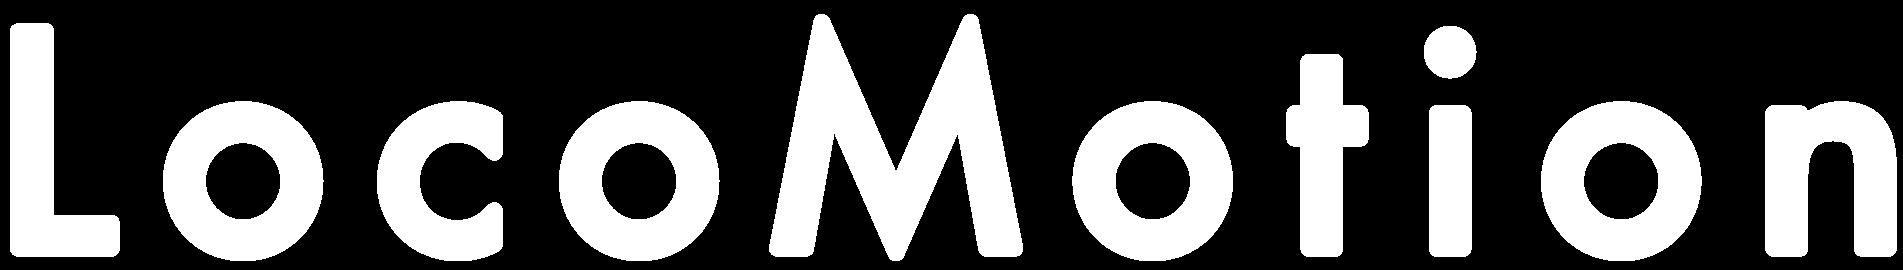 logo locomotion